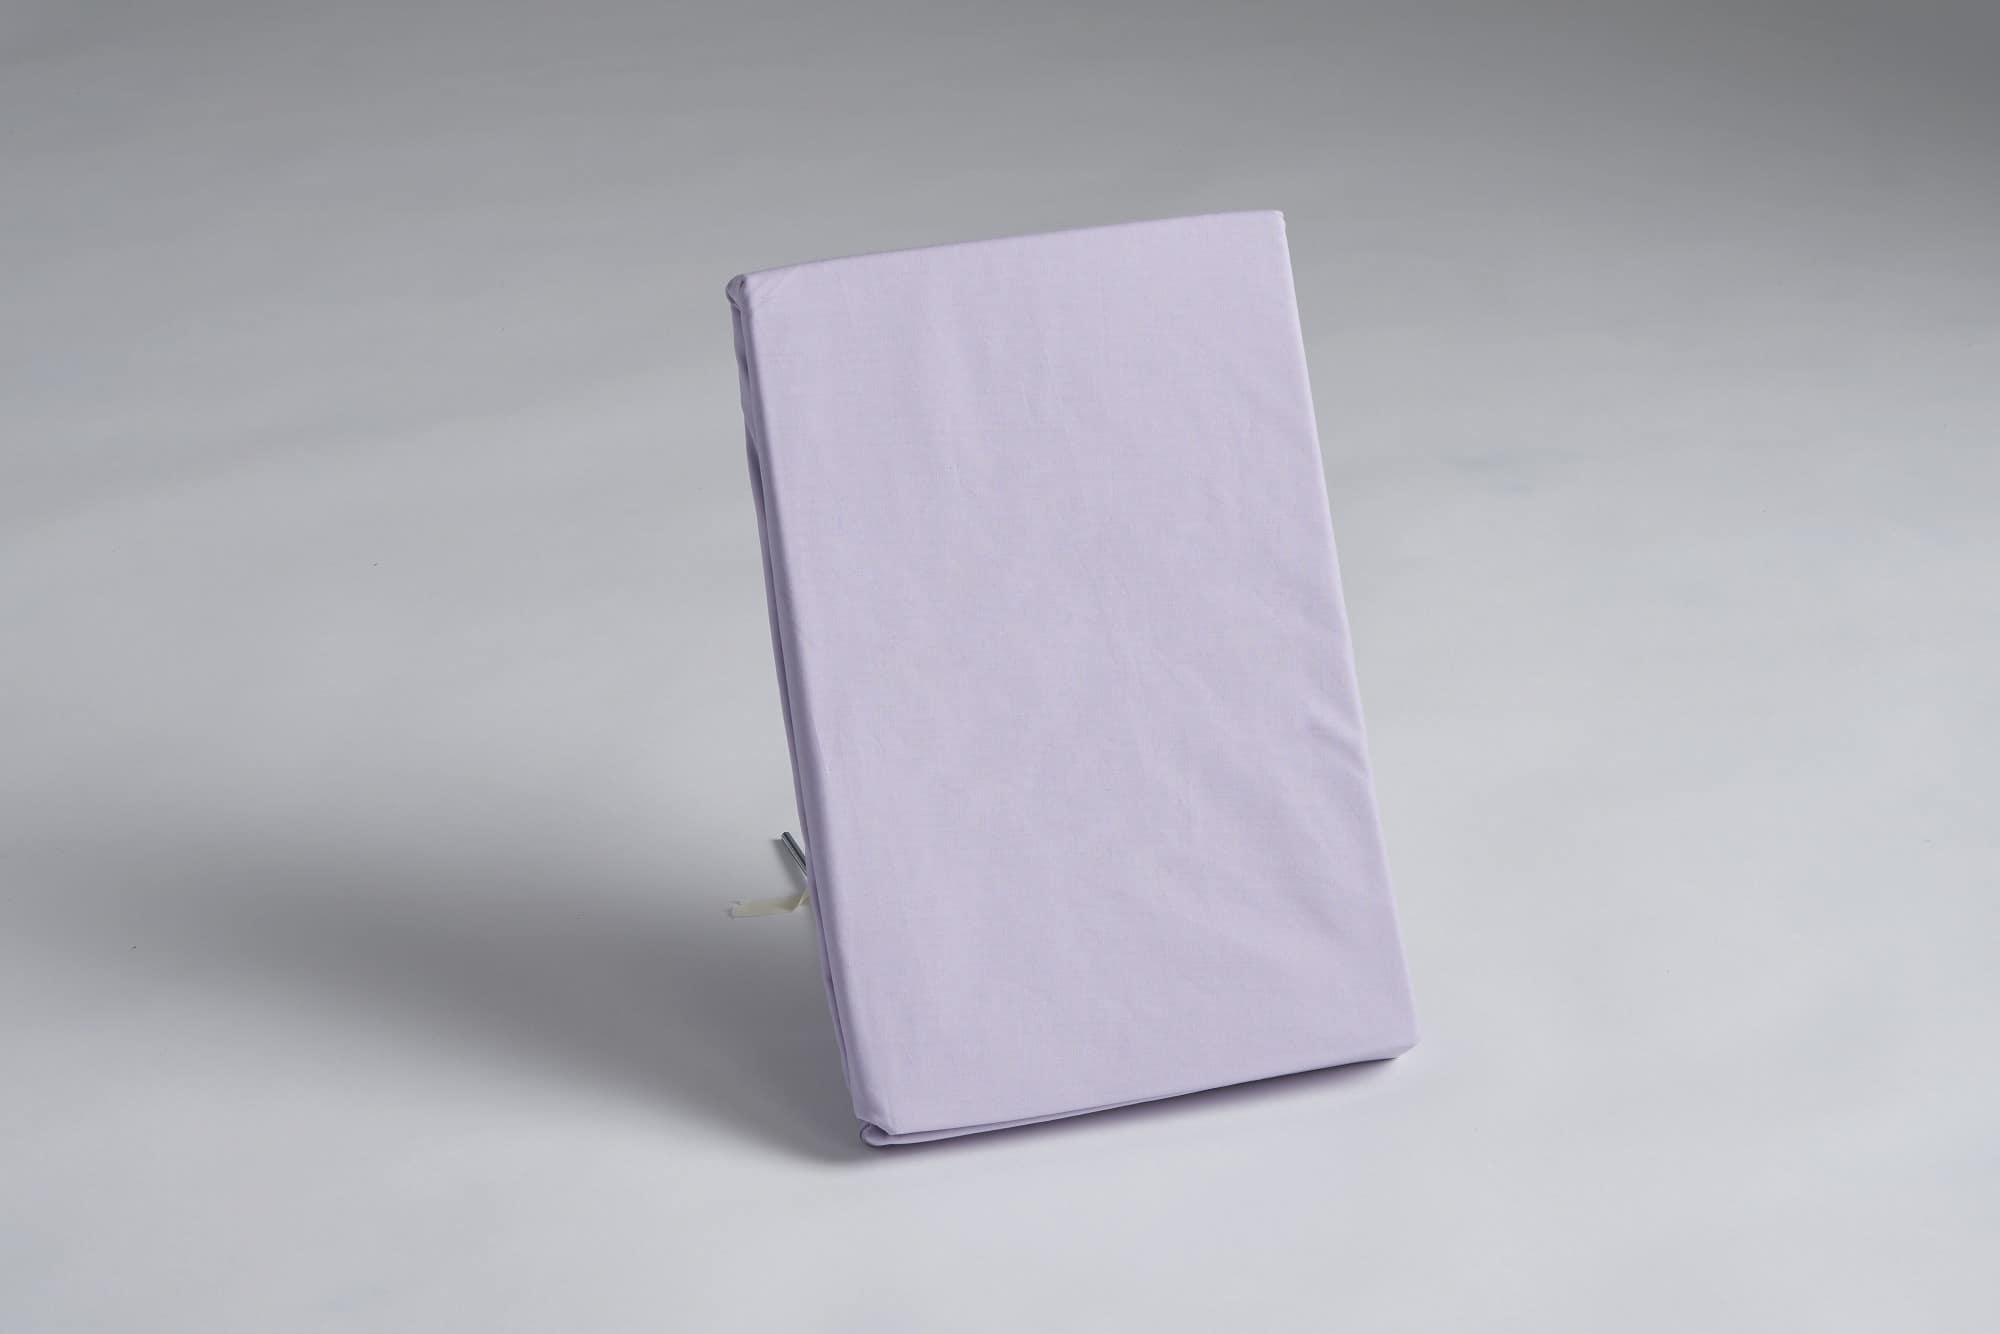 ボックスシーツ セミダブル用 30H パープル